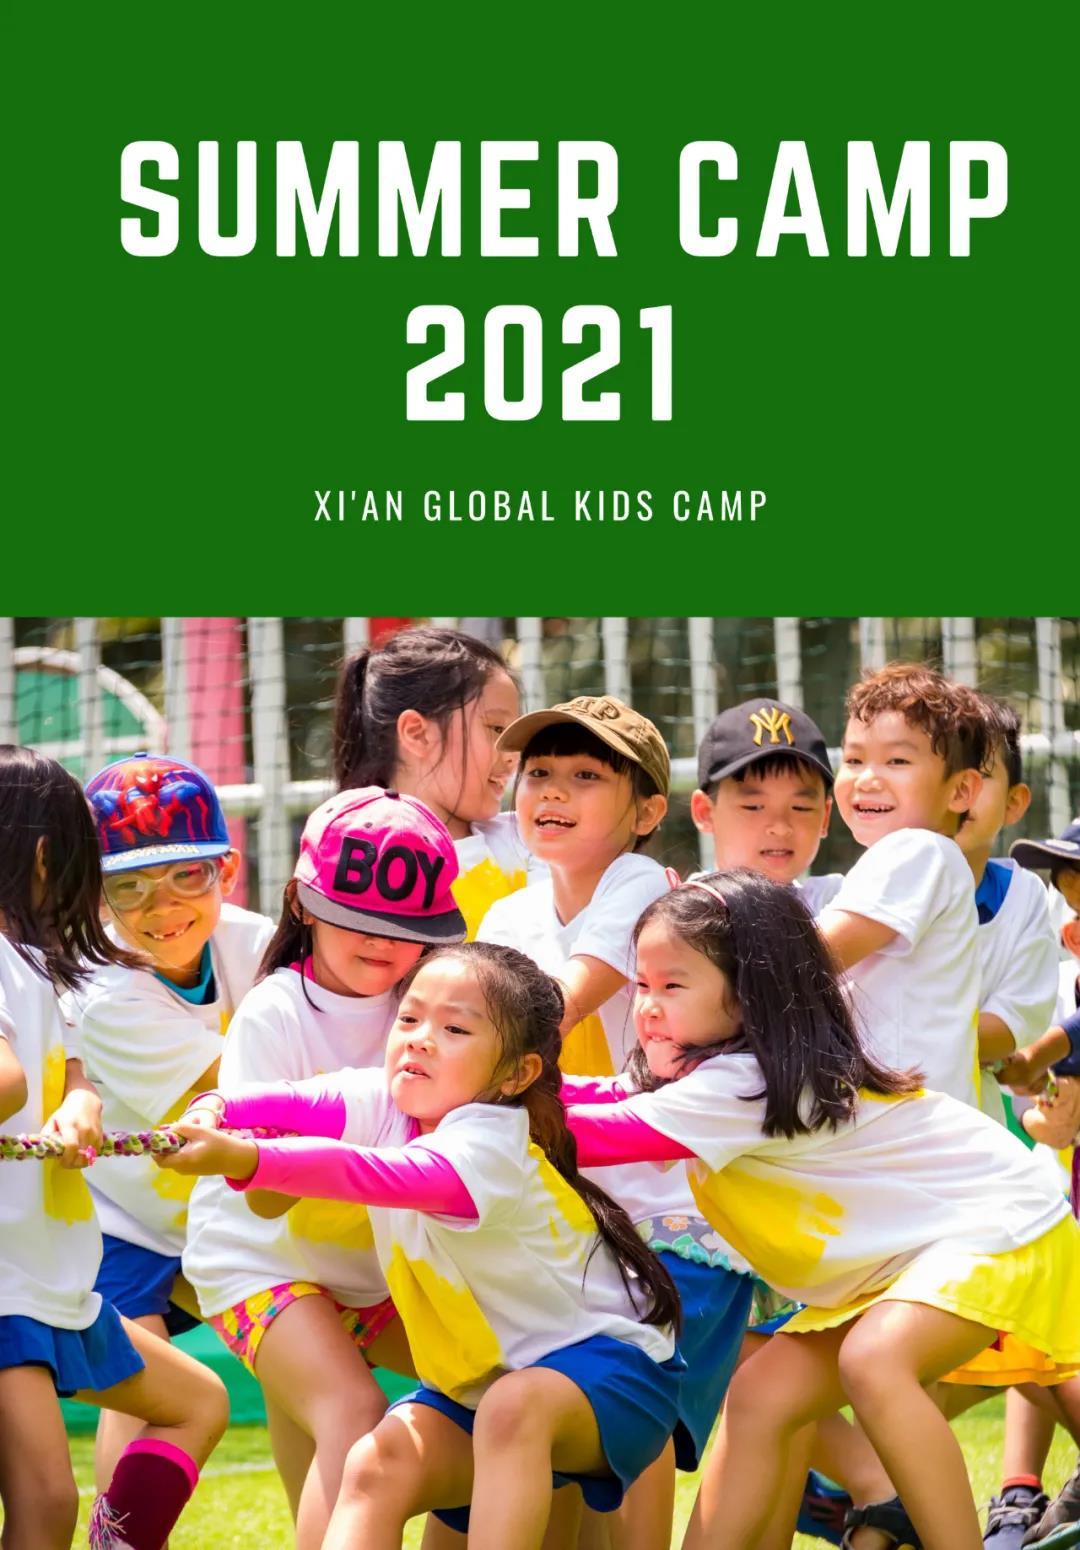 kids camp hey xian 1